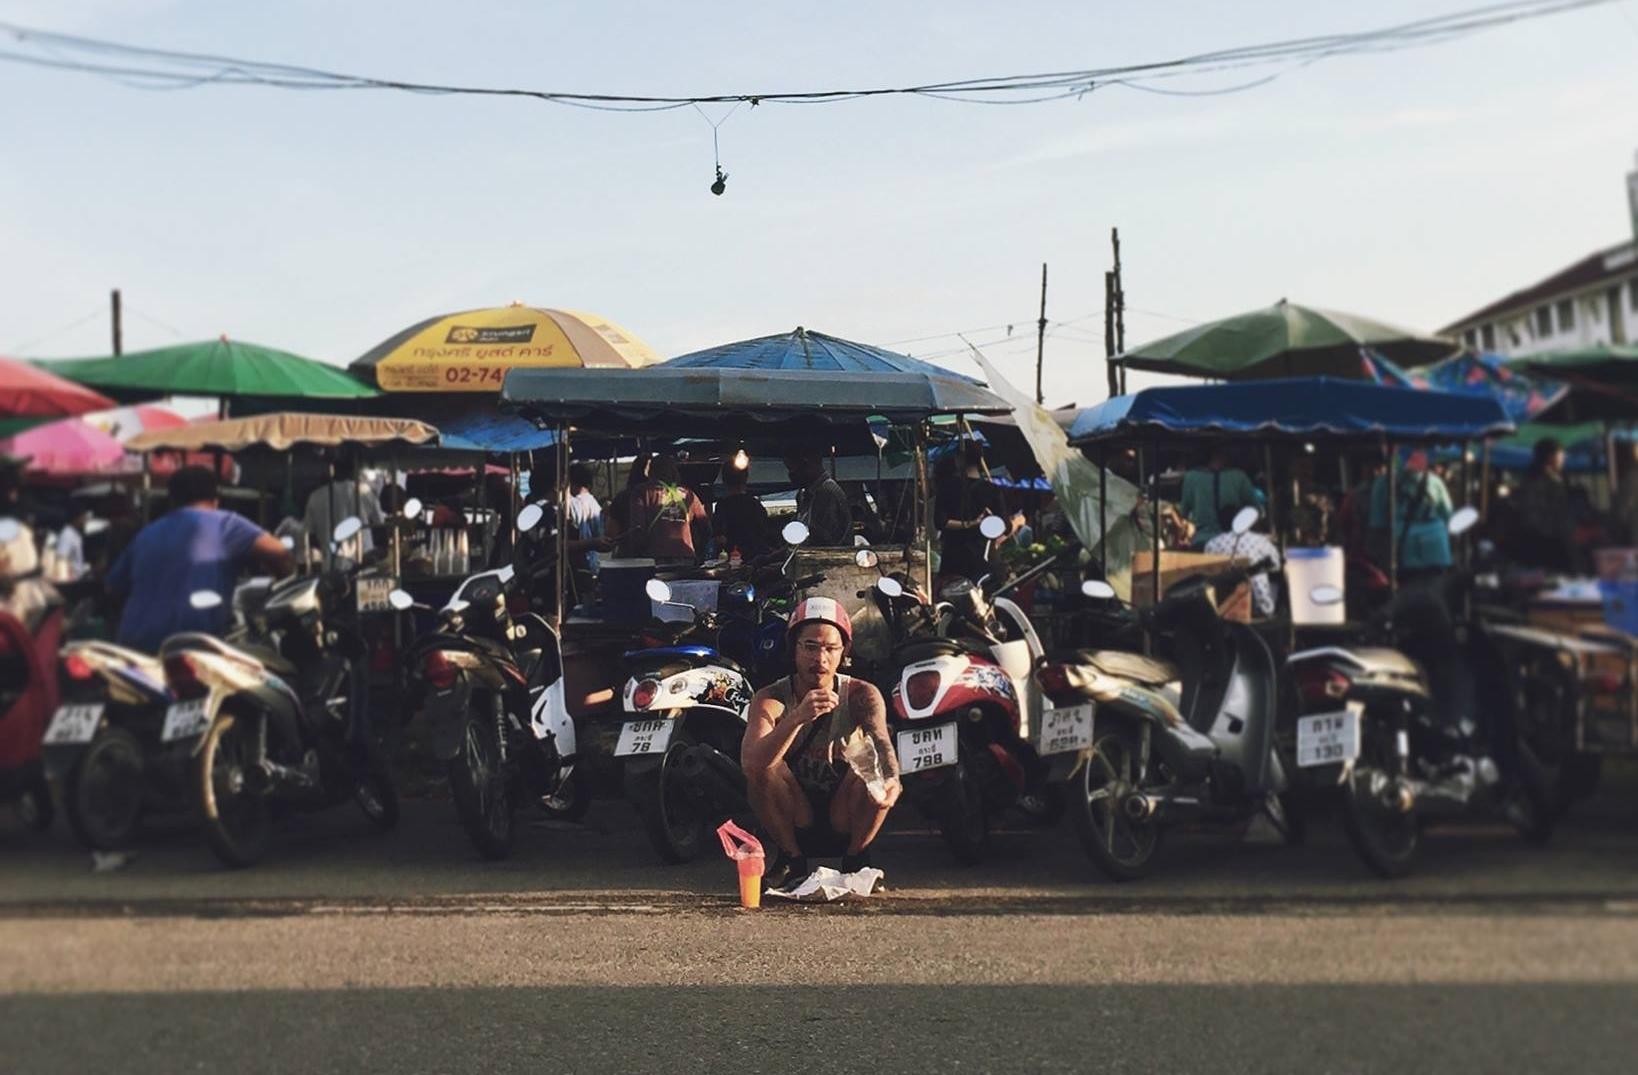 Somewhere in Thailand.